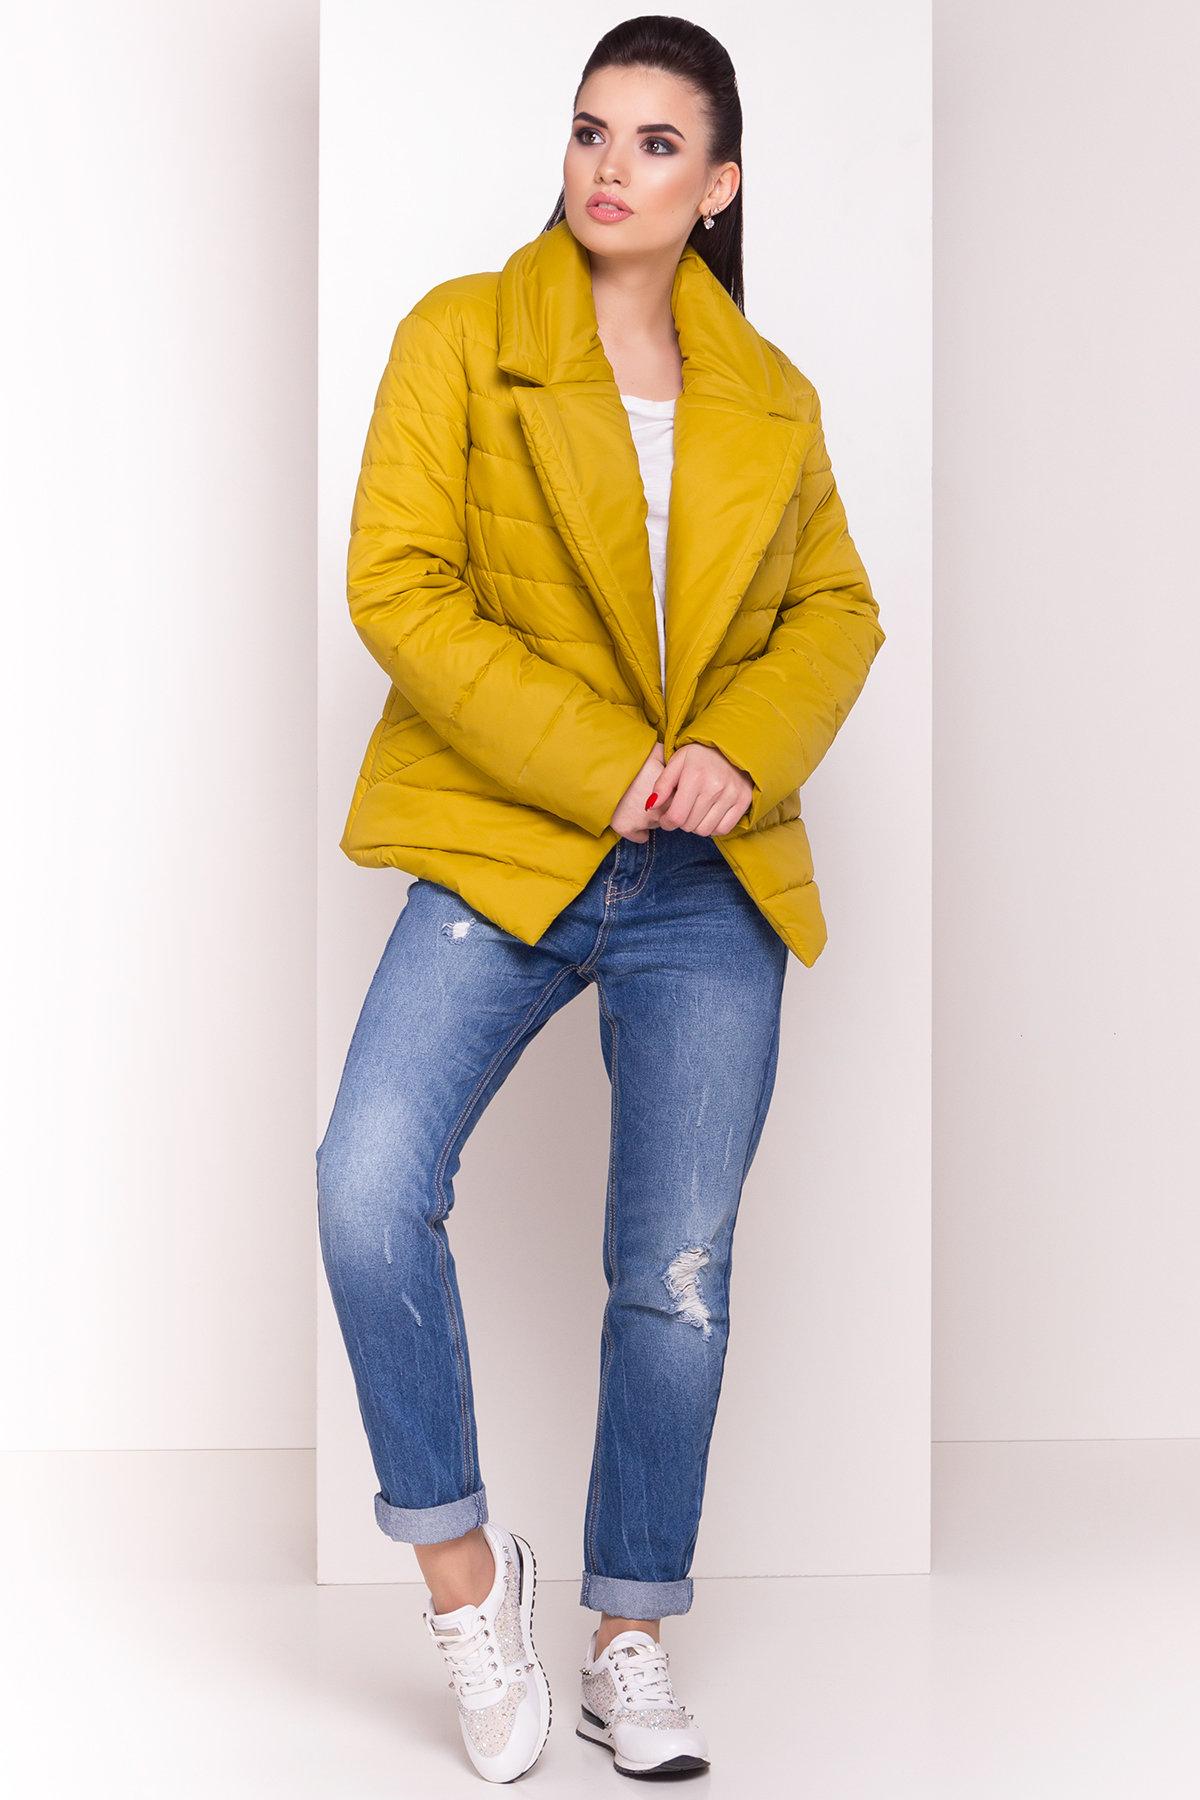 Куртка однотонная Мириам 4564 АРТ. 21648 Цвет: Горчица - фото 2, интернет магазин tm-modus.ru